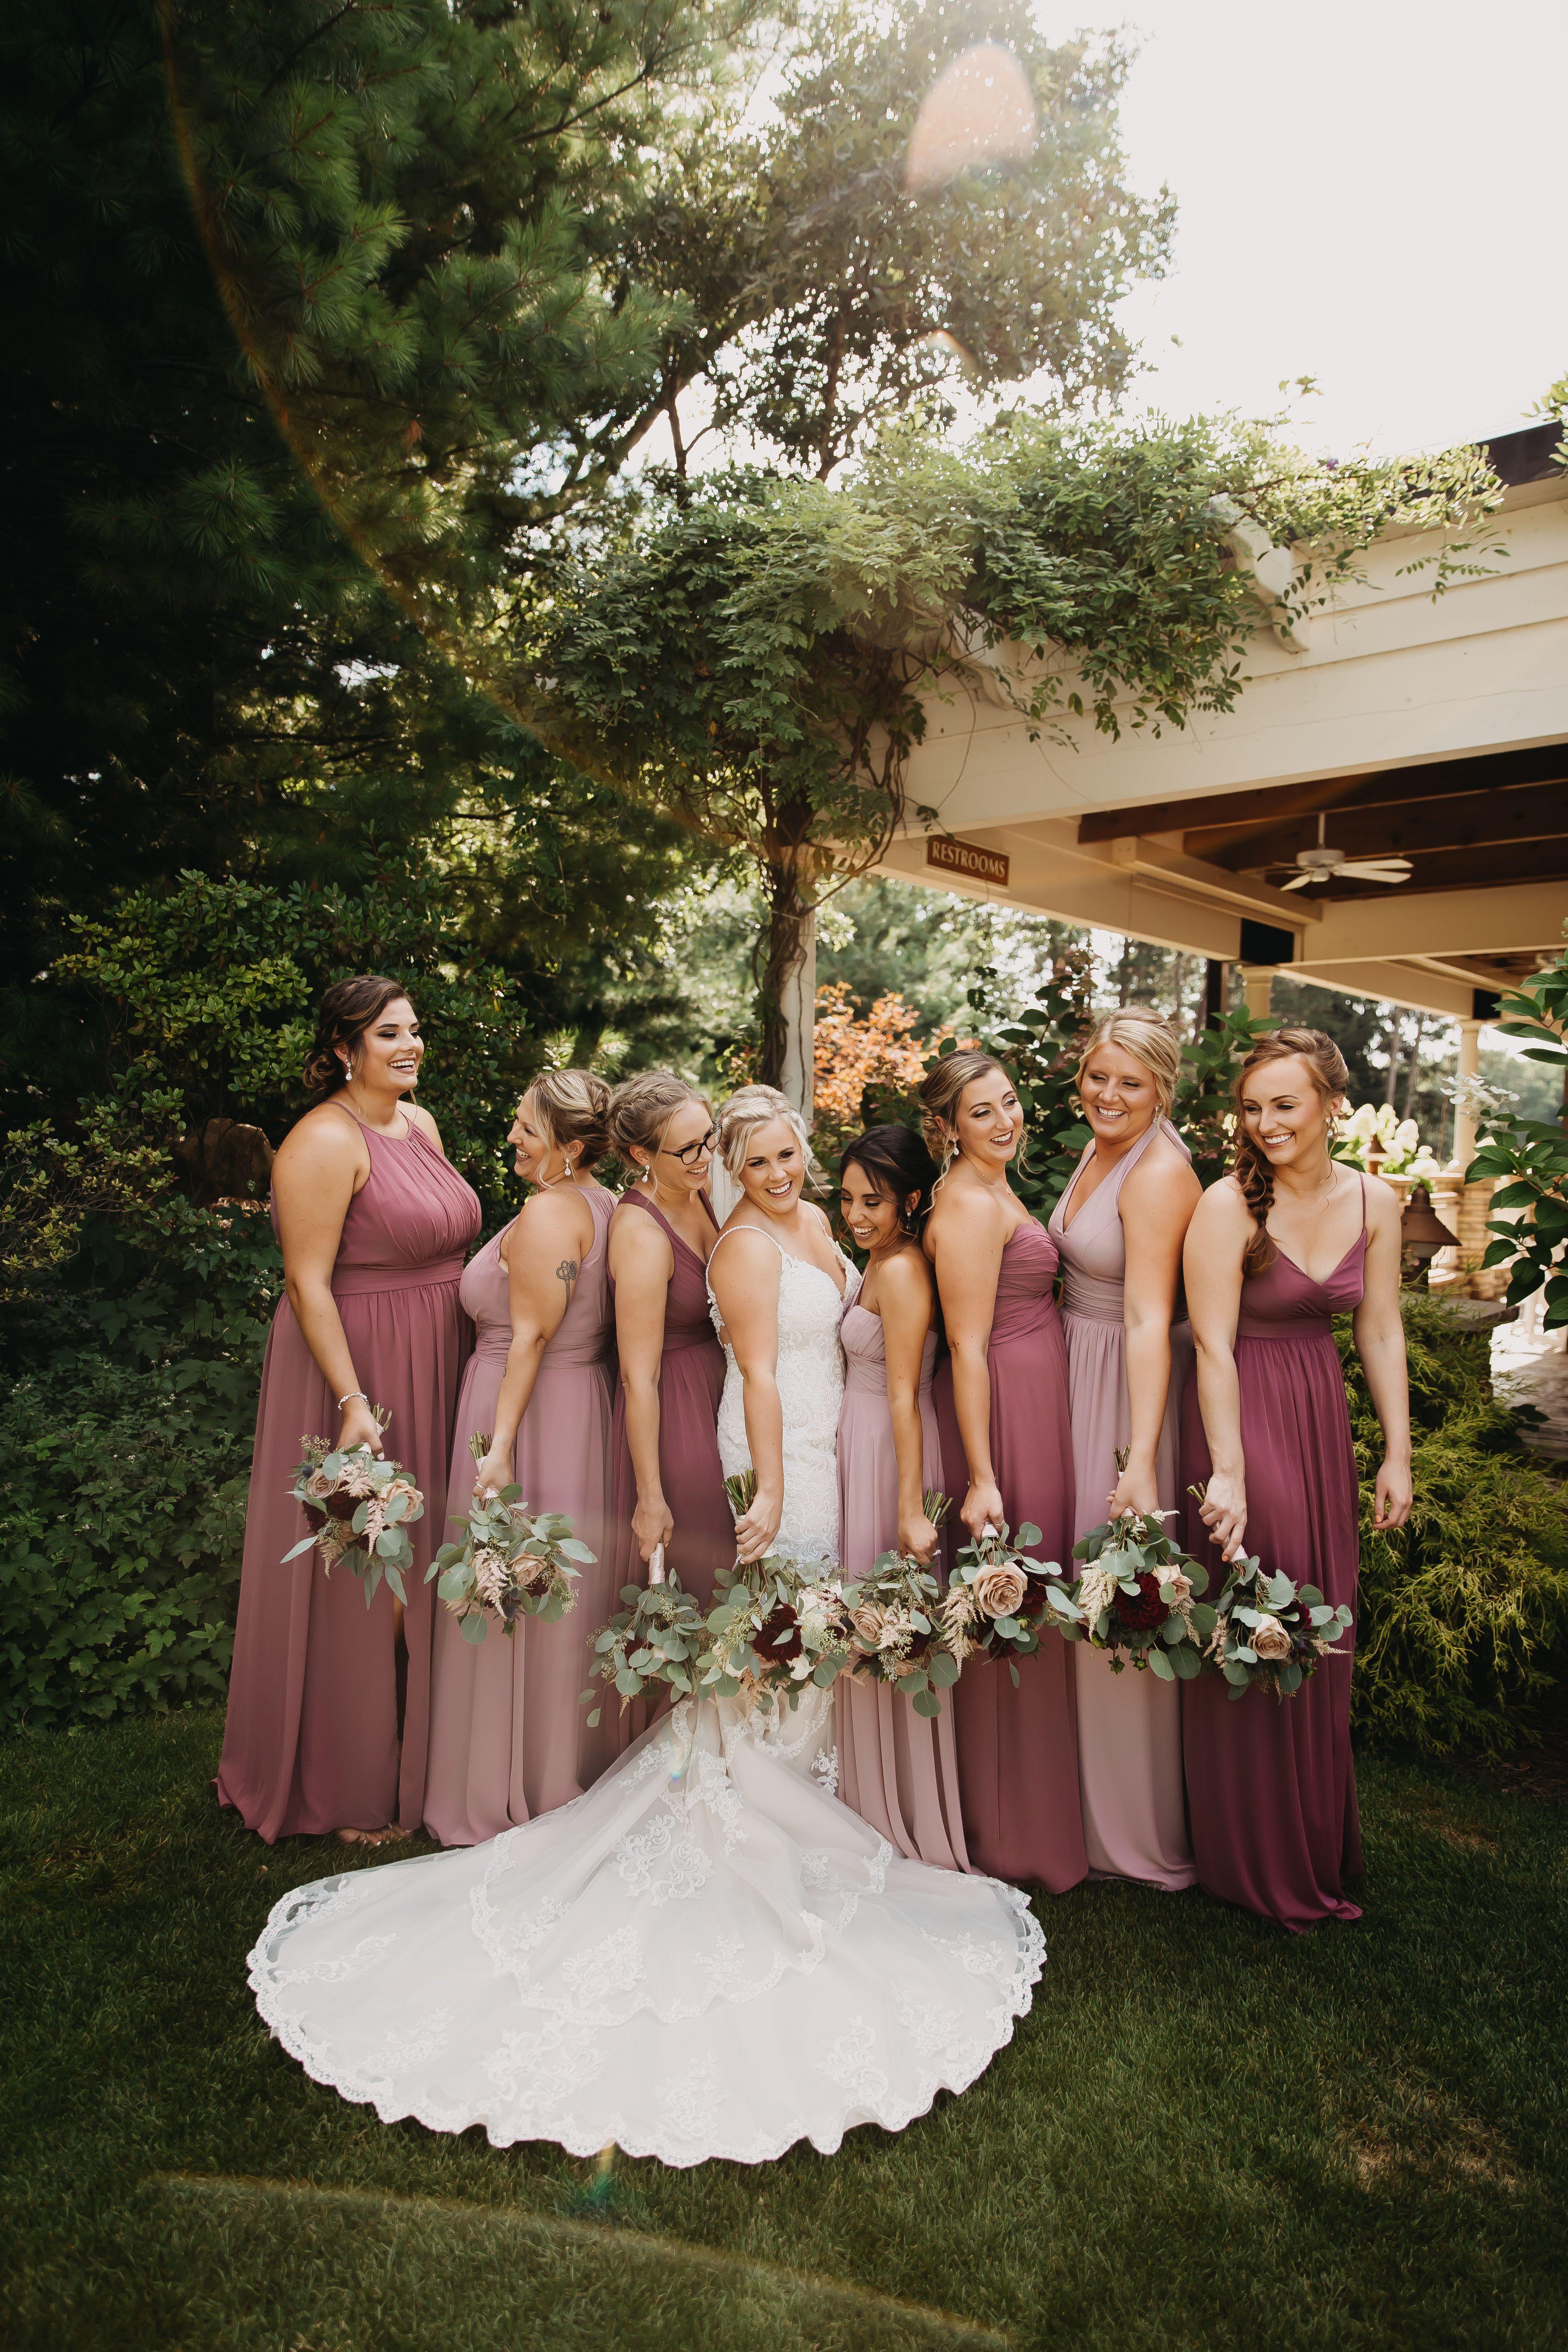 Mauve Bridesmaid Dresses Summer Wedding Colors Mauve Bridesmaid Mauve Bridesmaid Dress Summer Wedding Colors [ 5388 x 3592 Pixel ]